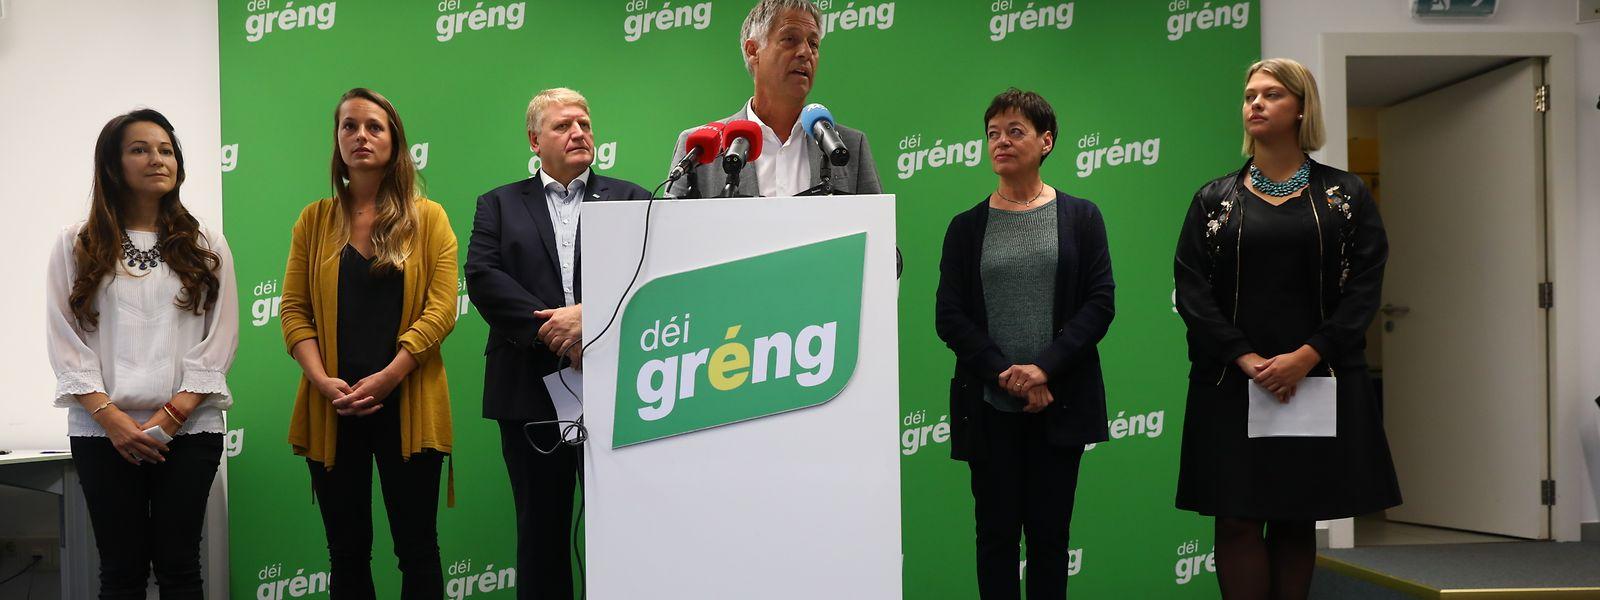 Henri Kox (Bildmitte) wird Wohnungsbauminister, Semiray Ahmedova und Chantal Gary (1. und 2. v.l.) werden in die Chamber nachrücken.